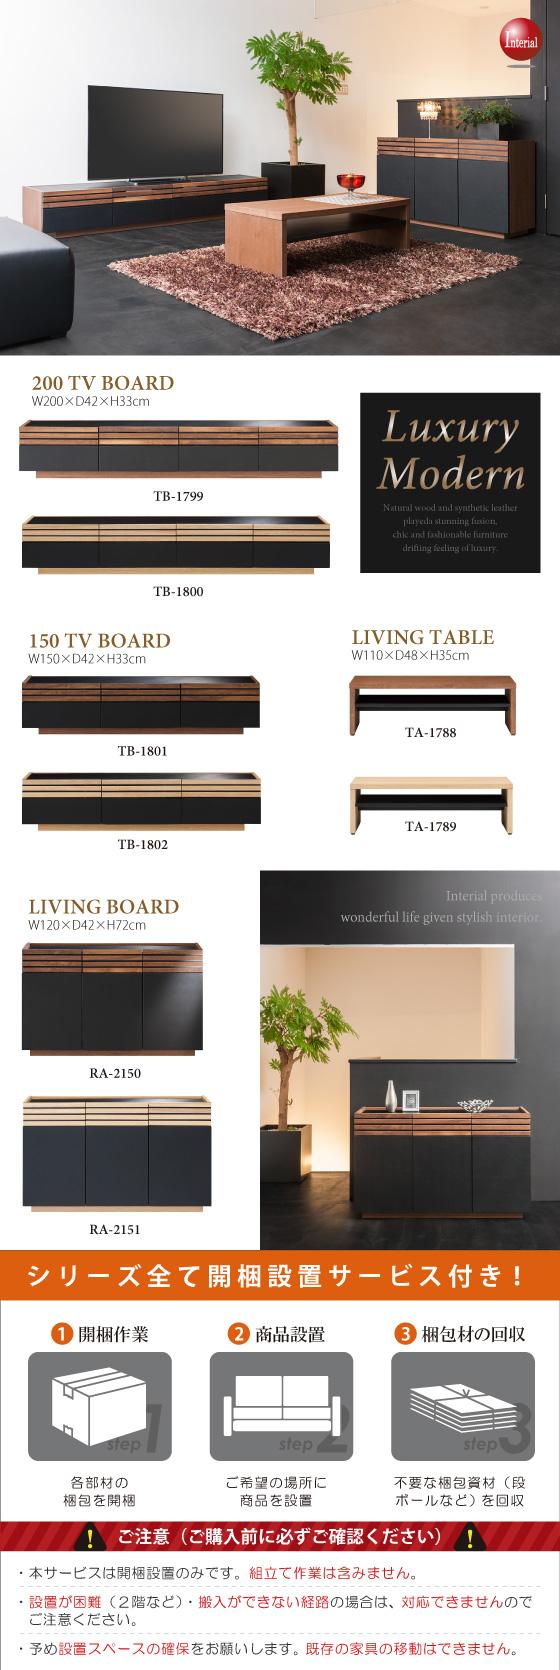 天然木&オレフィンシート製・幅110cmリビングテーブル(完成品)開梱設置サービス付き